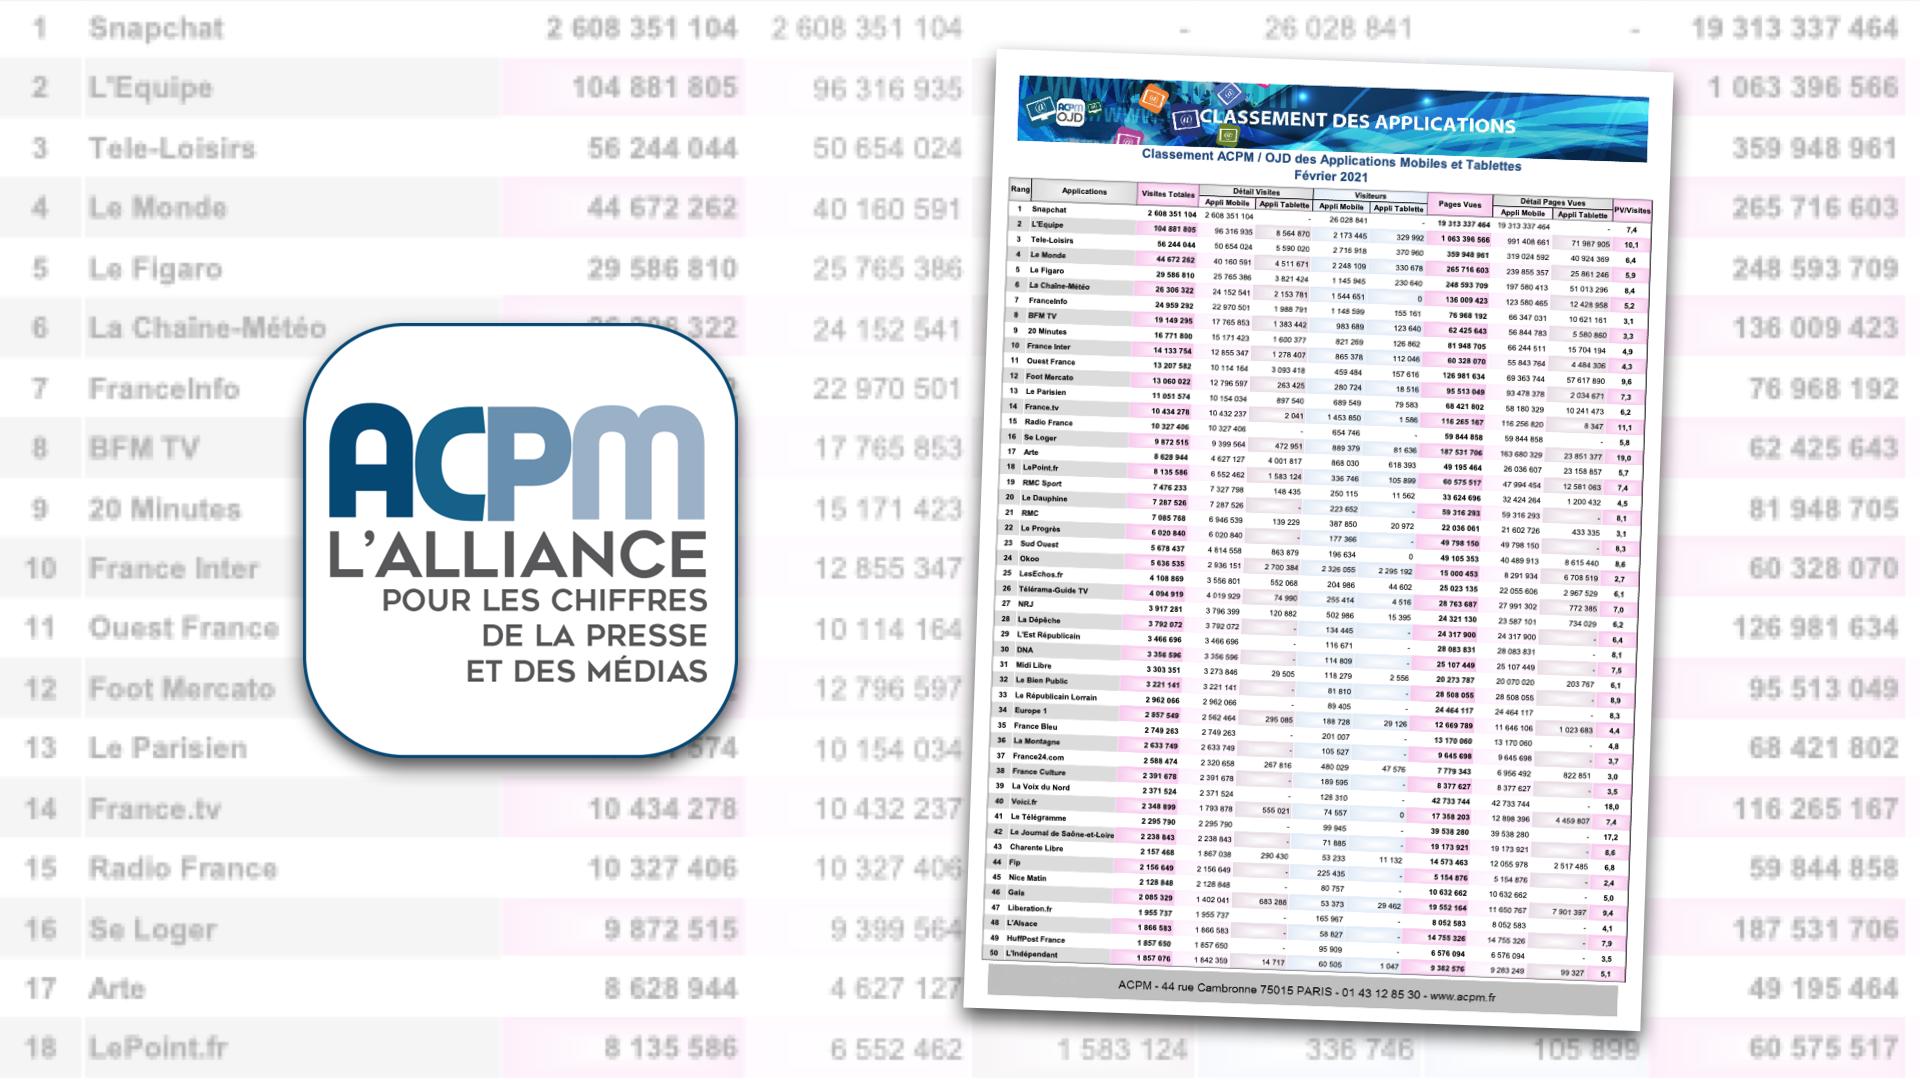 Snapchat continue d'écraser le classement ACPM des plus grosses applications françaises